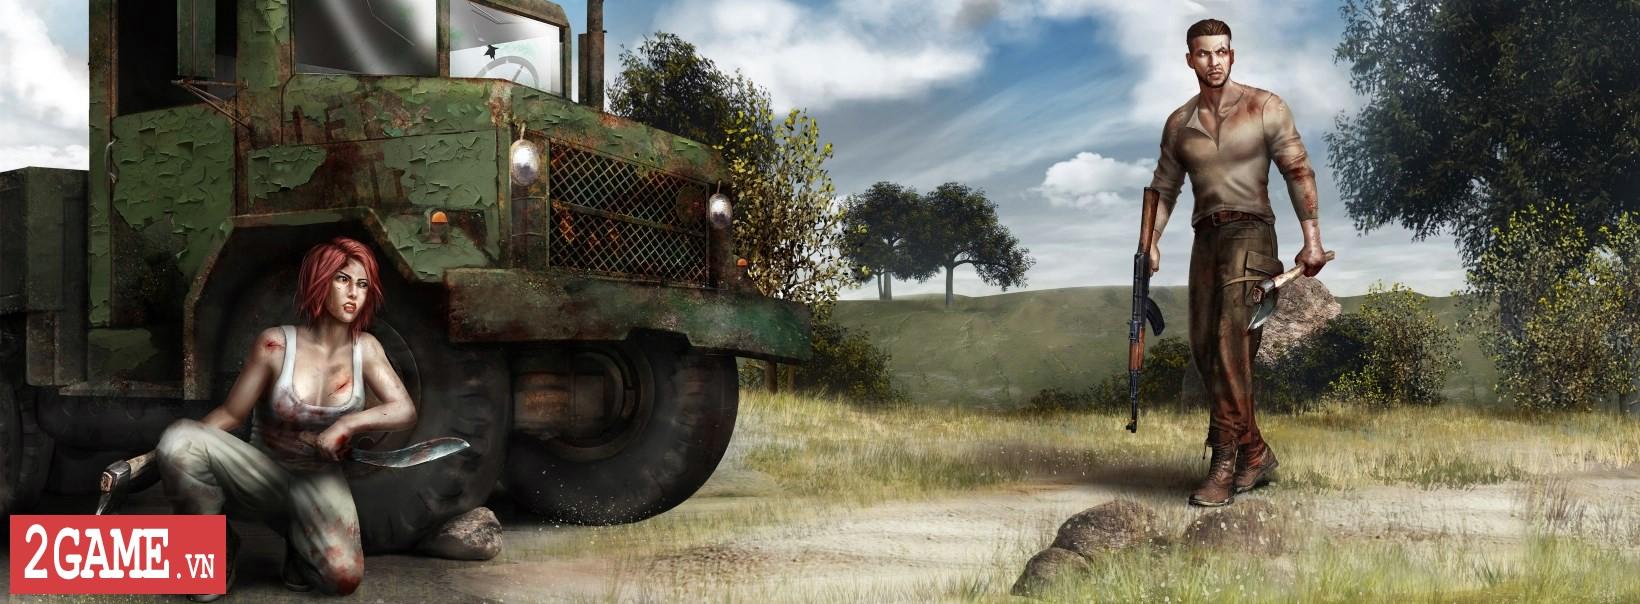 Tổng quan về lối chơi sinh tử của Bullet Strike: Battlegrounds 5